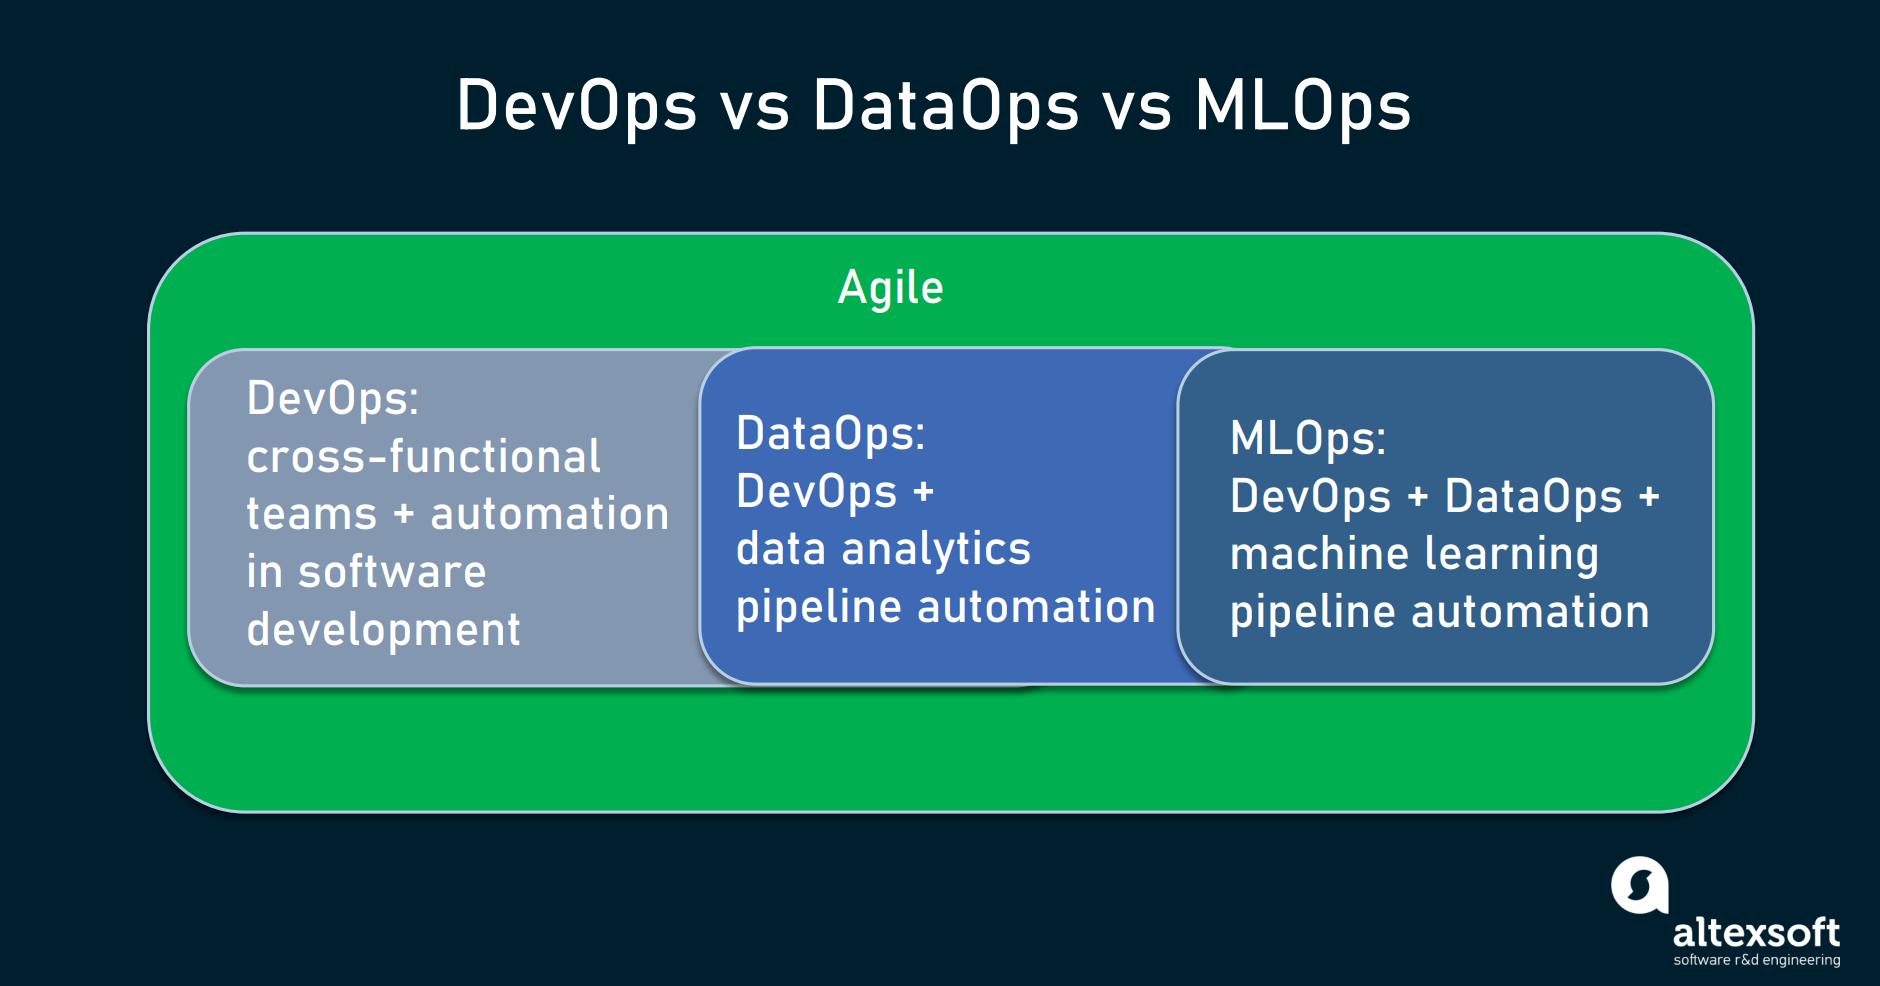 DevOps vs DataOps vs MLOps comparison